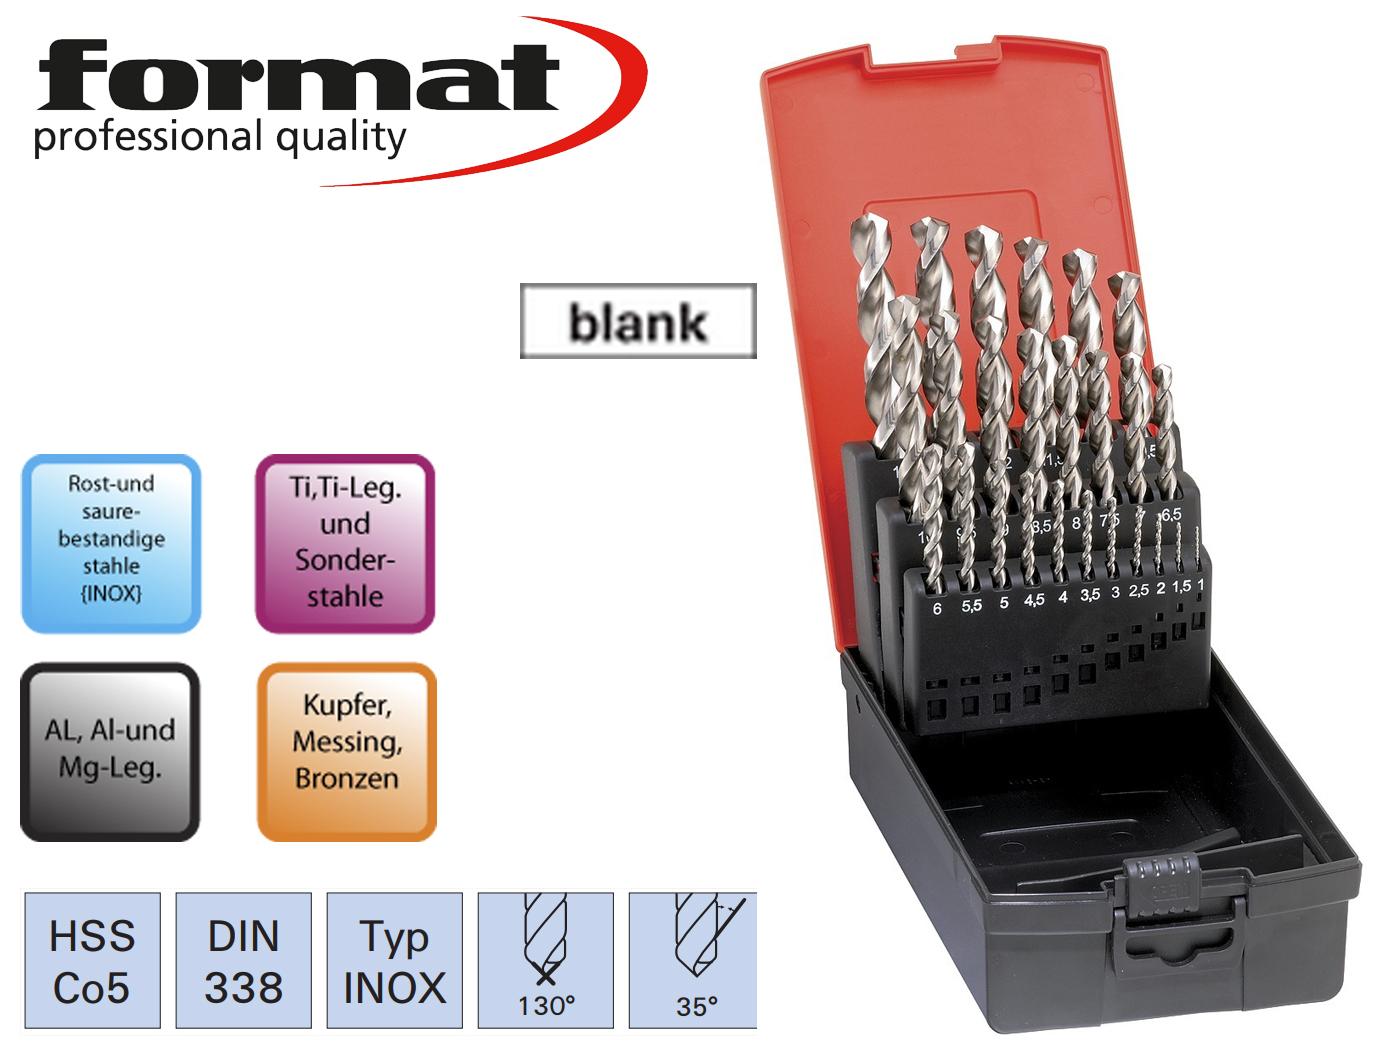 Spiraalboren set DIN 338 VA HSSECo5 FORMAT | DKMTools - DKM Tools